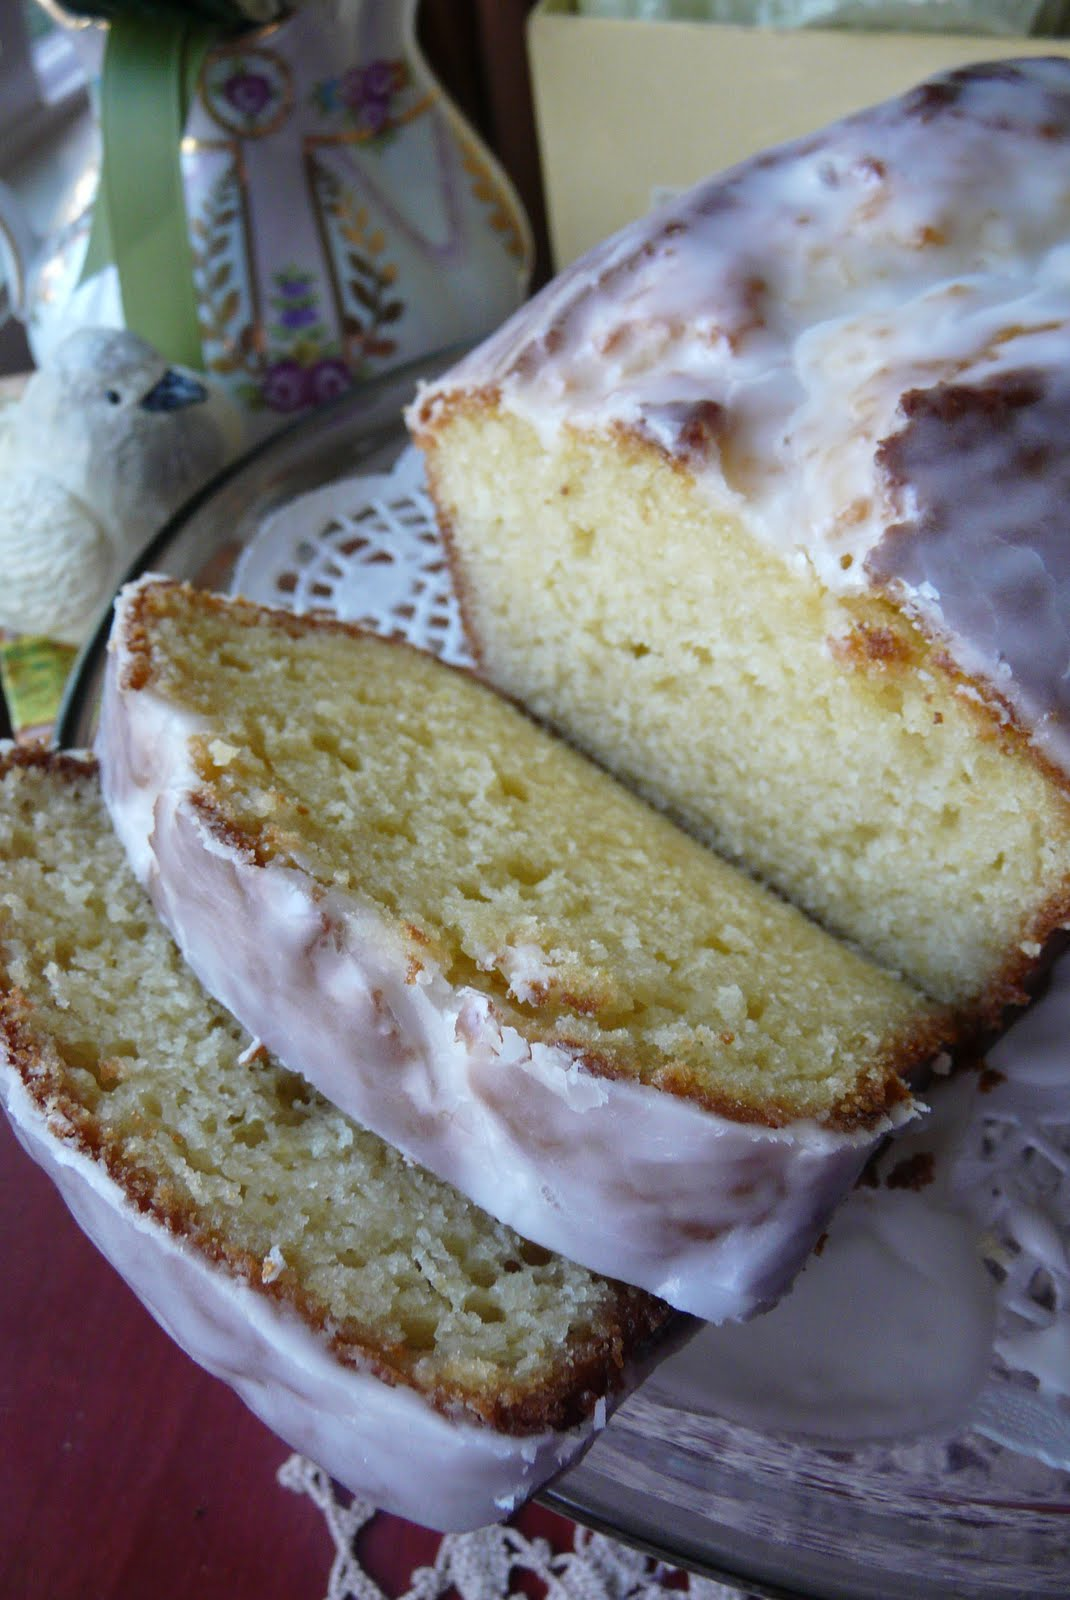 Barefoot Contessa Lemon Poppyseed Pound Cake